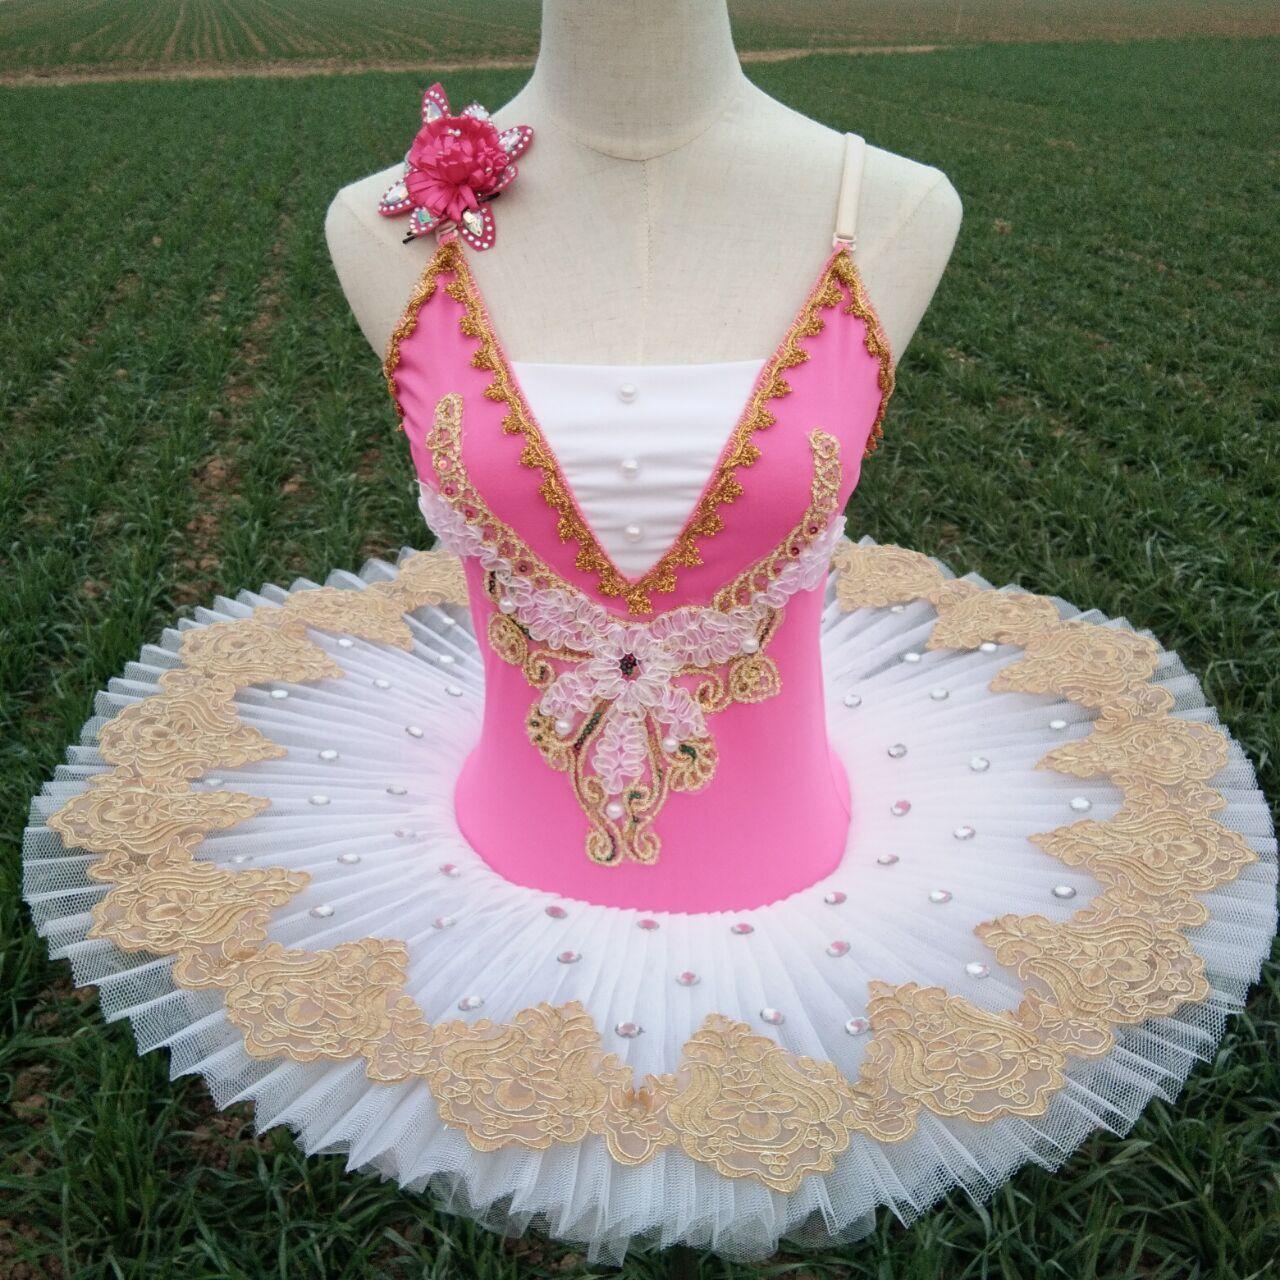 font-b-ballet-b-font-tutu-for-girls-adult-professional-font-b-ballet-b-font-tutu-women-kids-swan-lake-pink-blue-costumes-girls-pancake-ballerina-dress